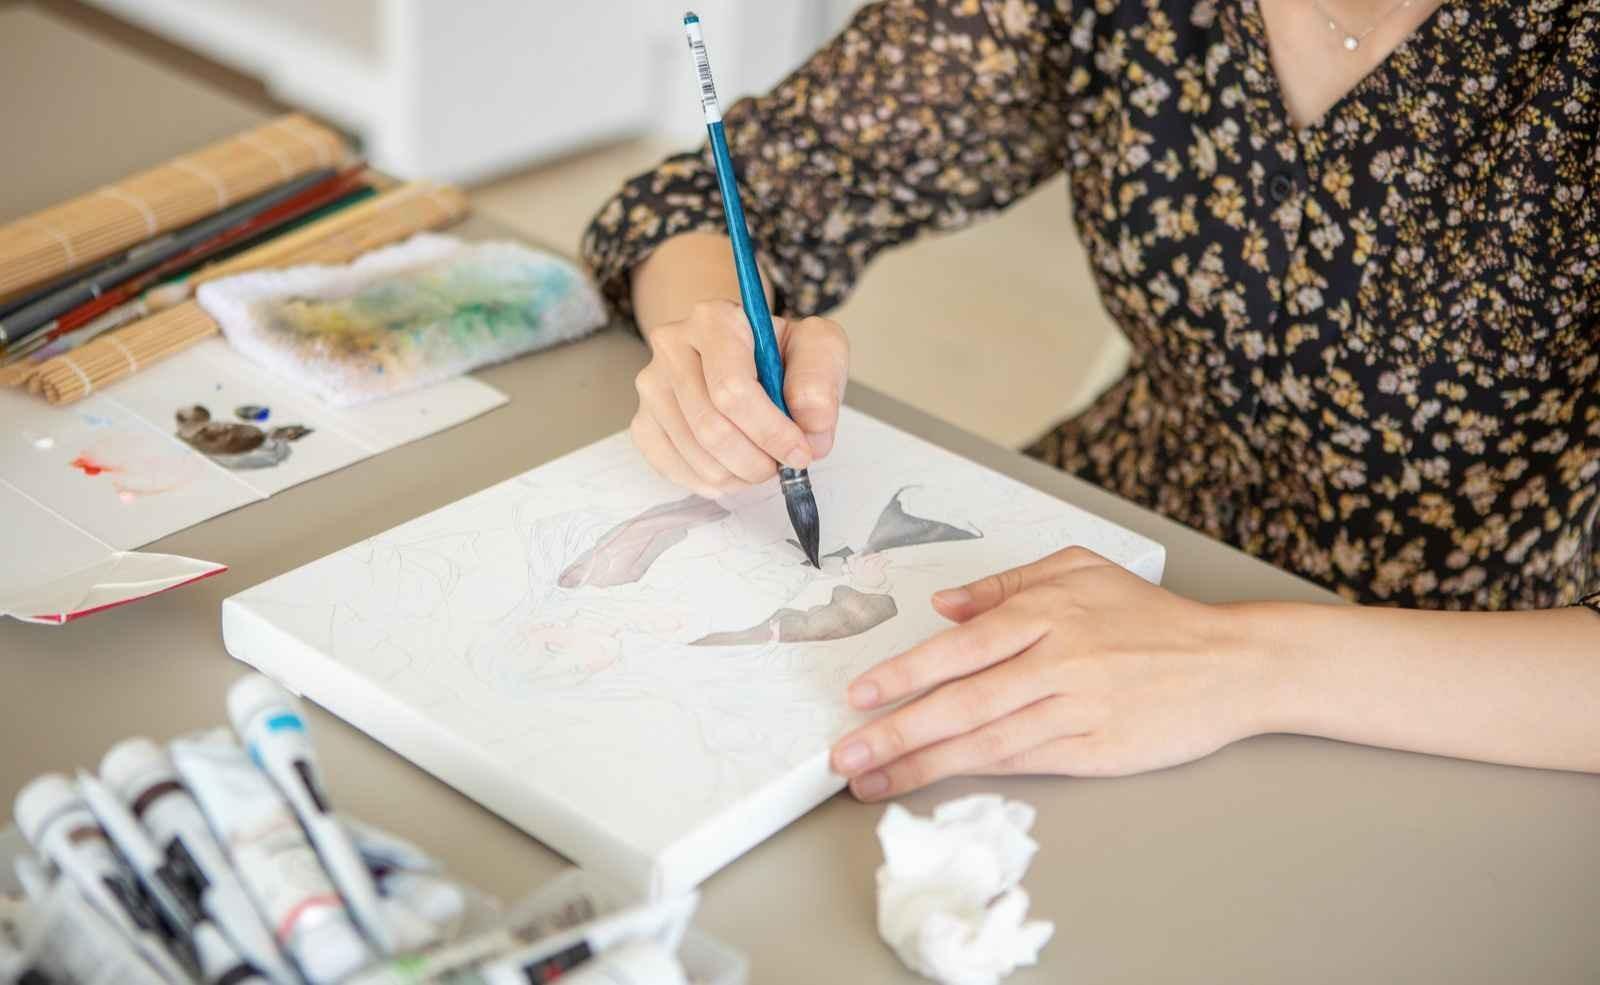 アートセラピールームPOF:大人絵画教室